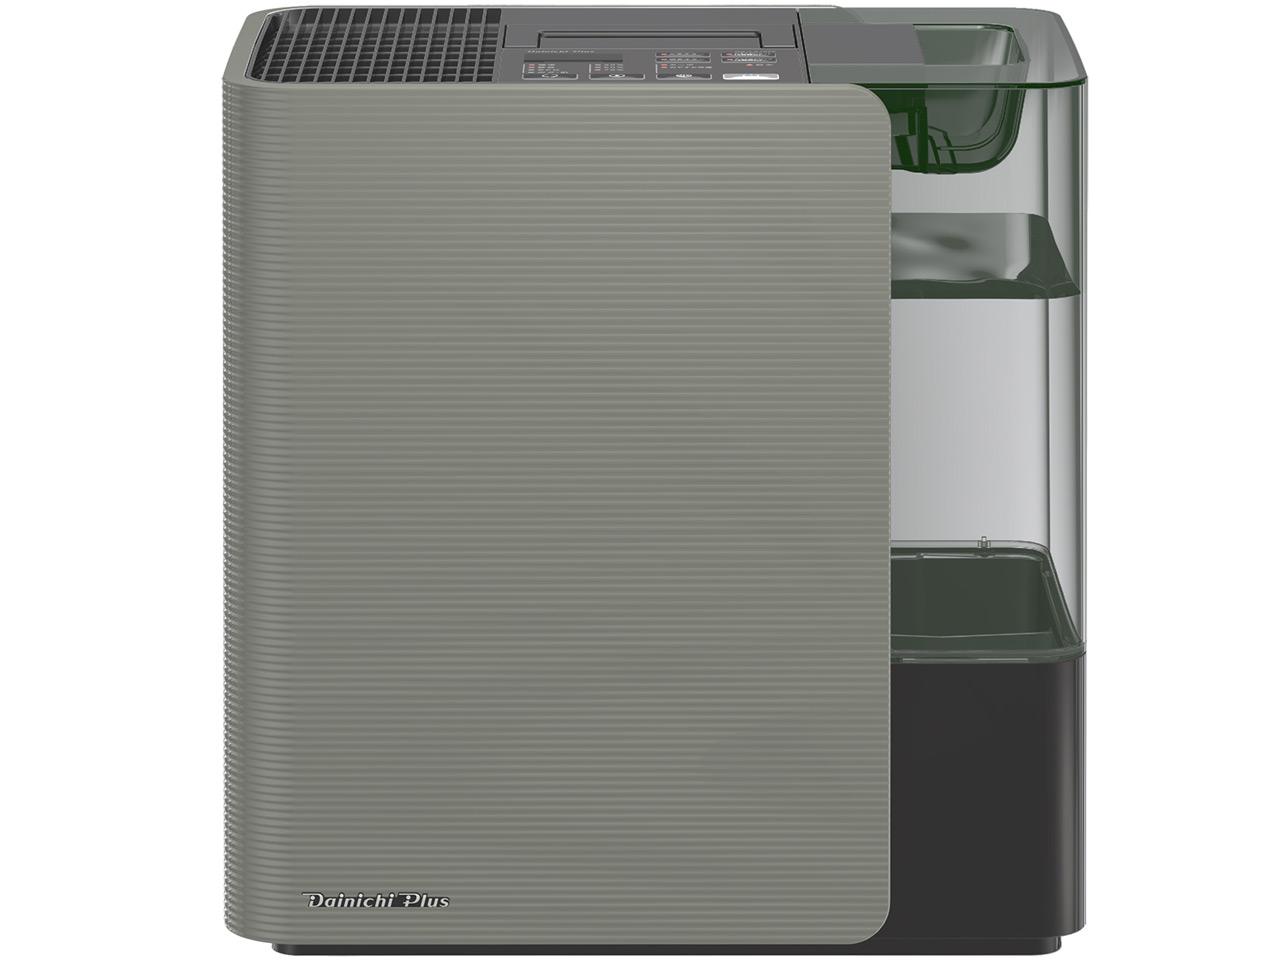 ダイニチプラス HD-LX1020(H) [モスグレー]